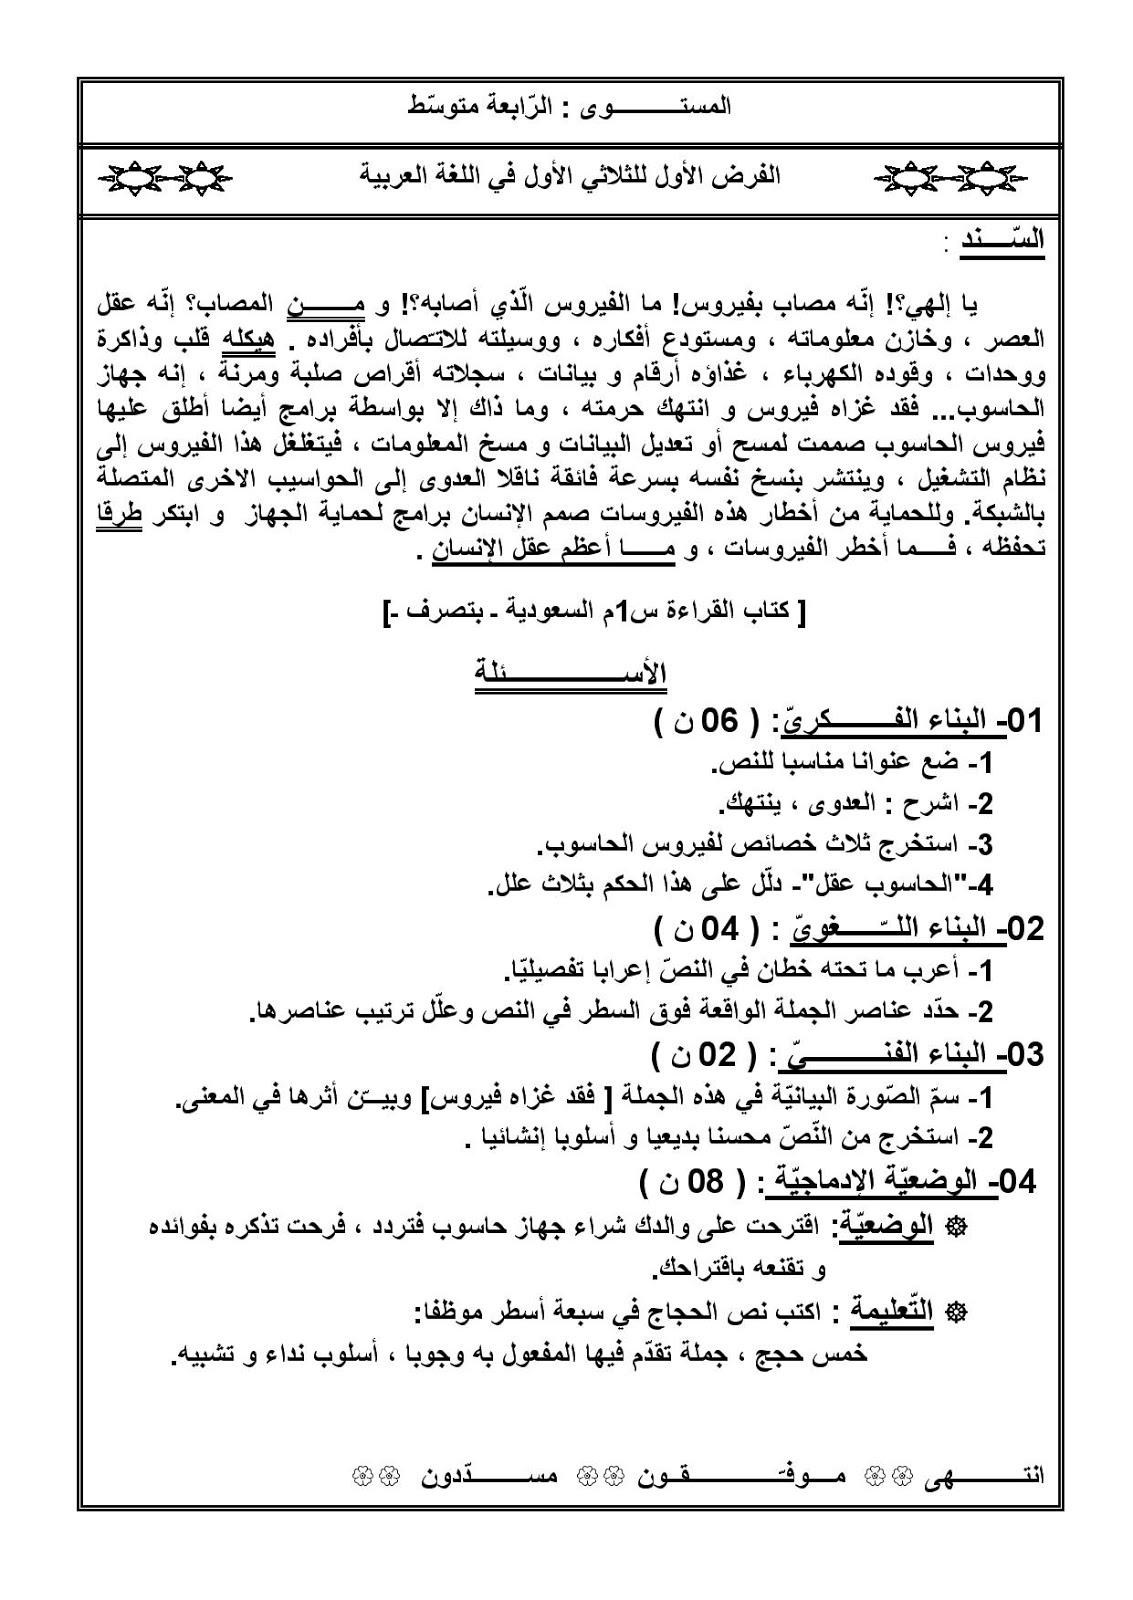 الفرض الاول للثلاثي الأول في اللغة العربية